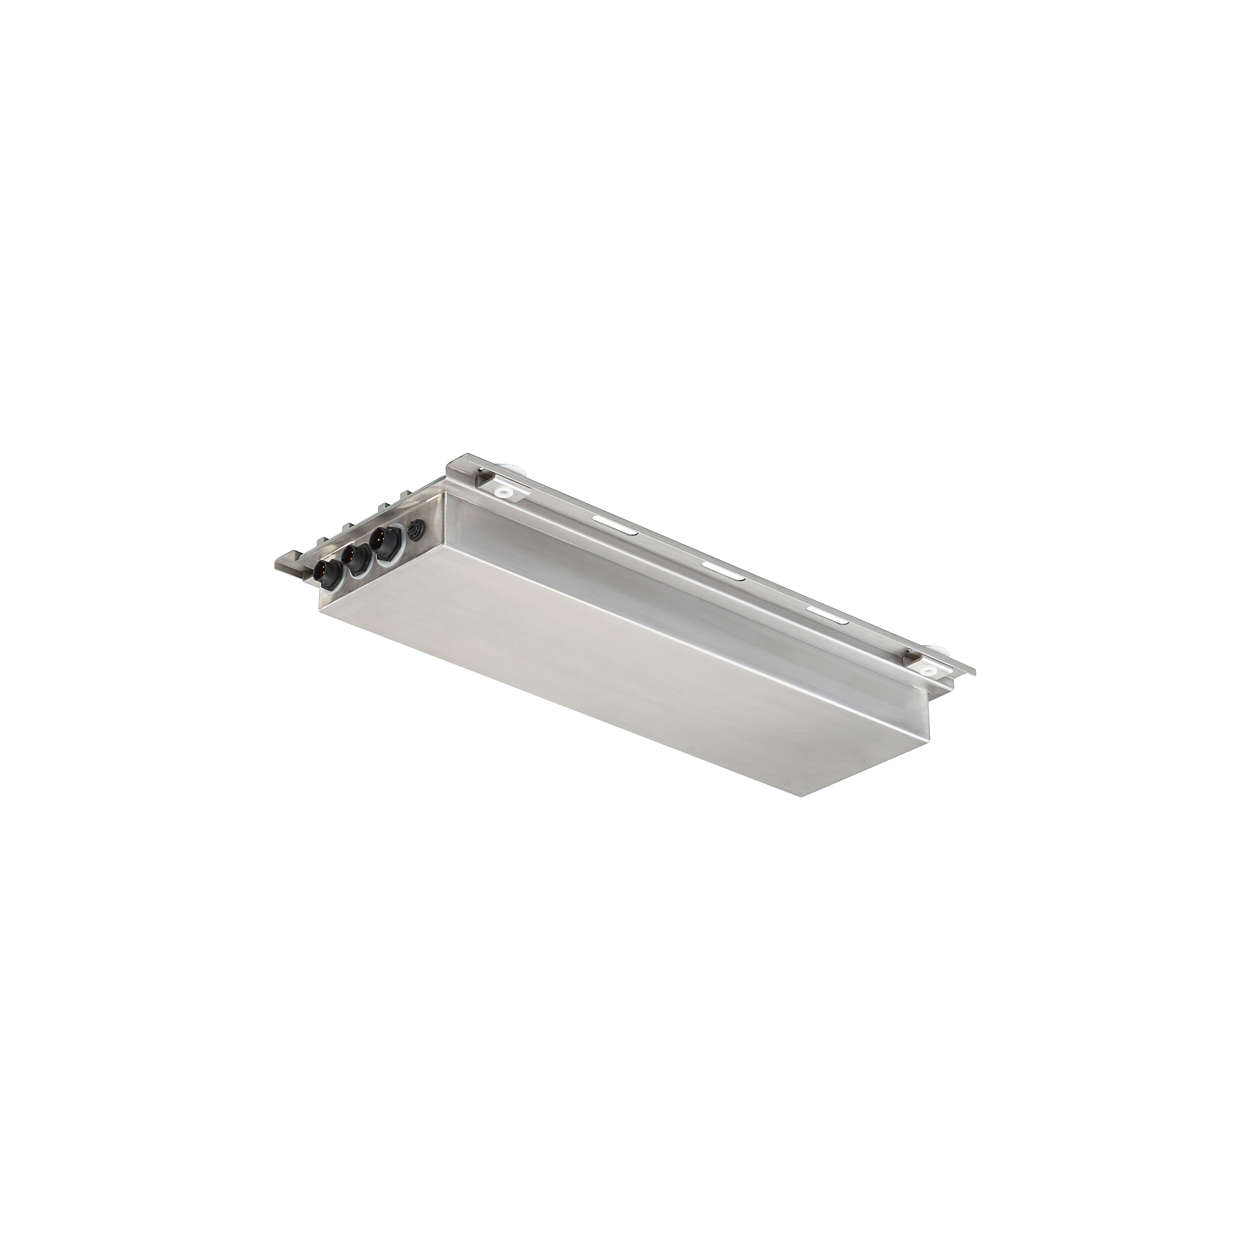 FlowStar — oświetlenie LED wjazdów do tuneli i punktowe oświetlenie wnętrz tuneli